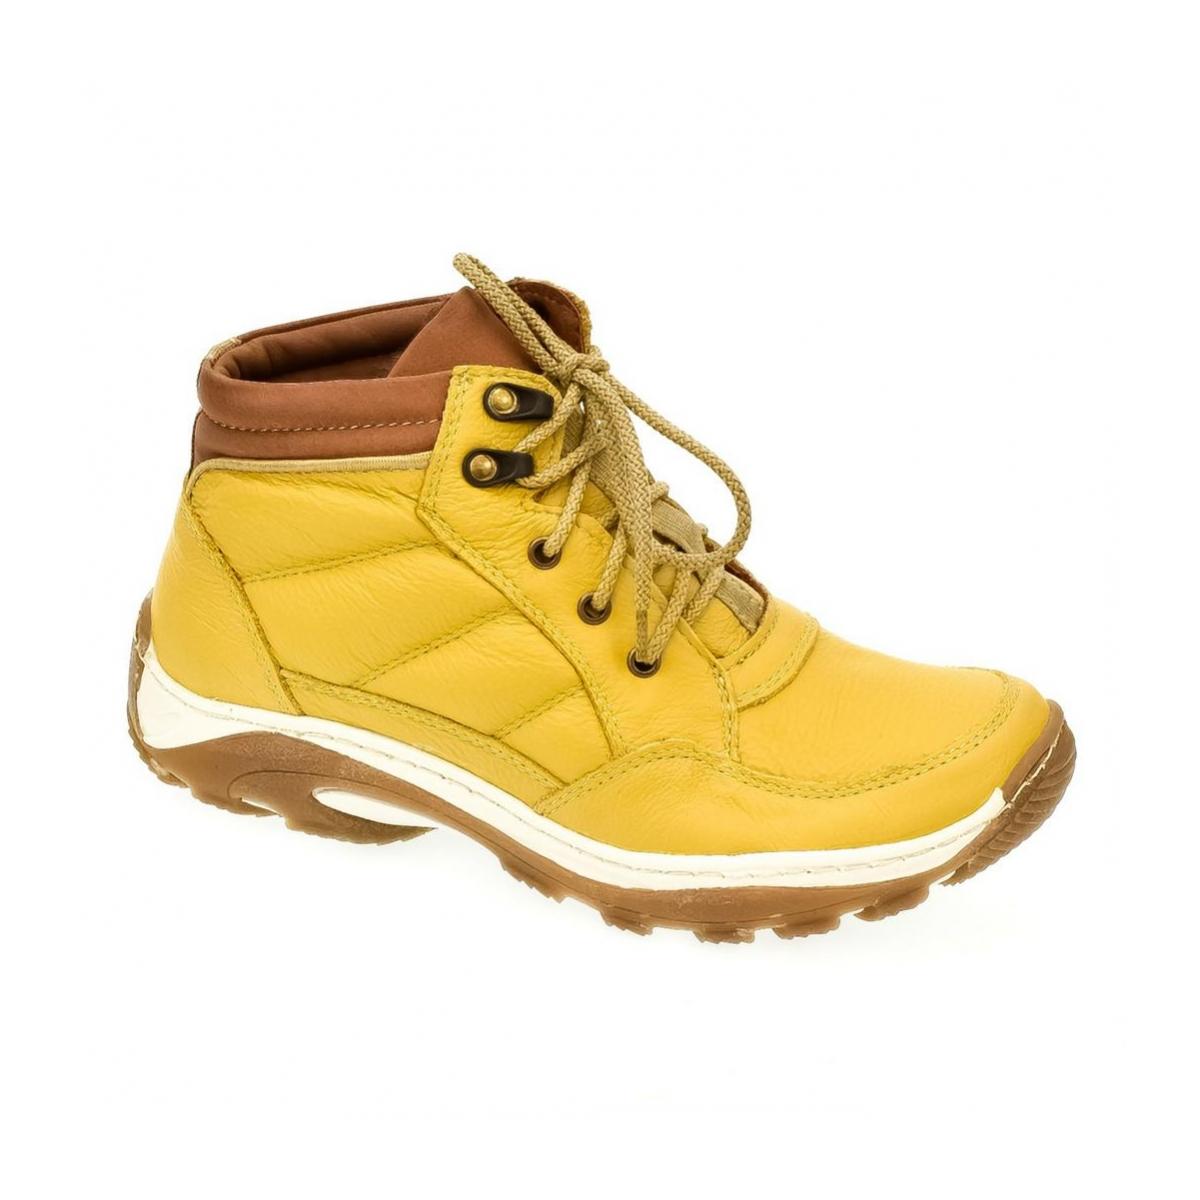 147f2217b5 Dámske žlté kožené topánky CANA - 4